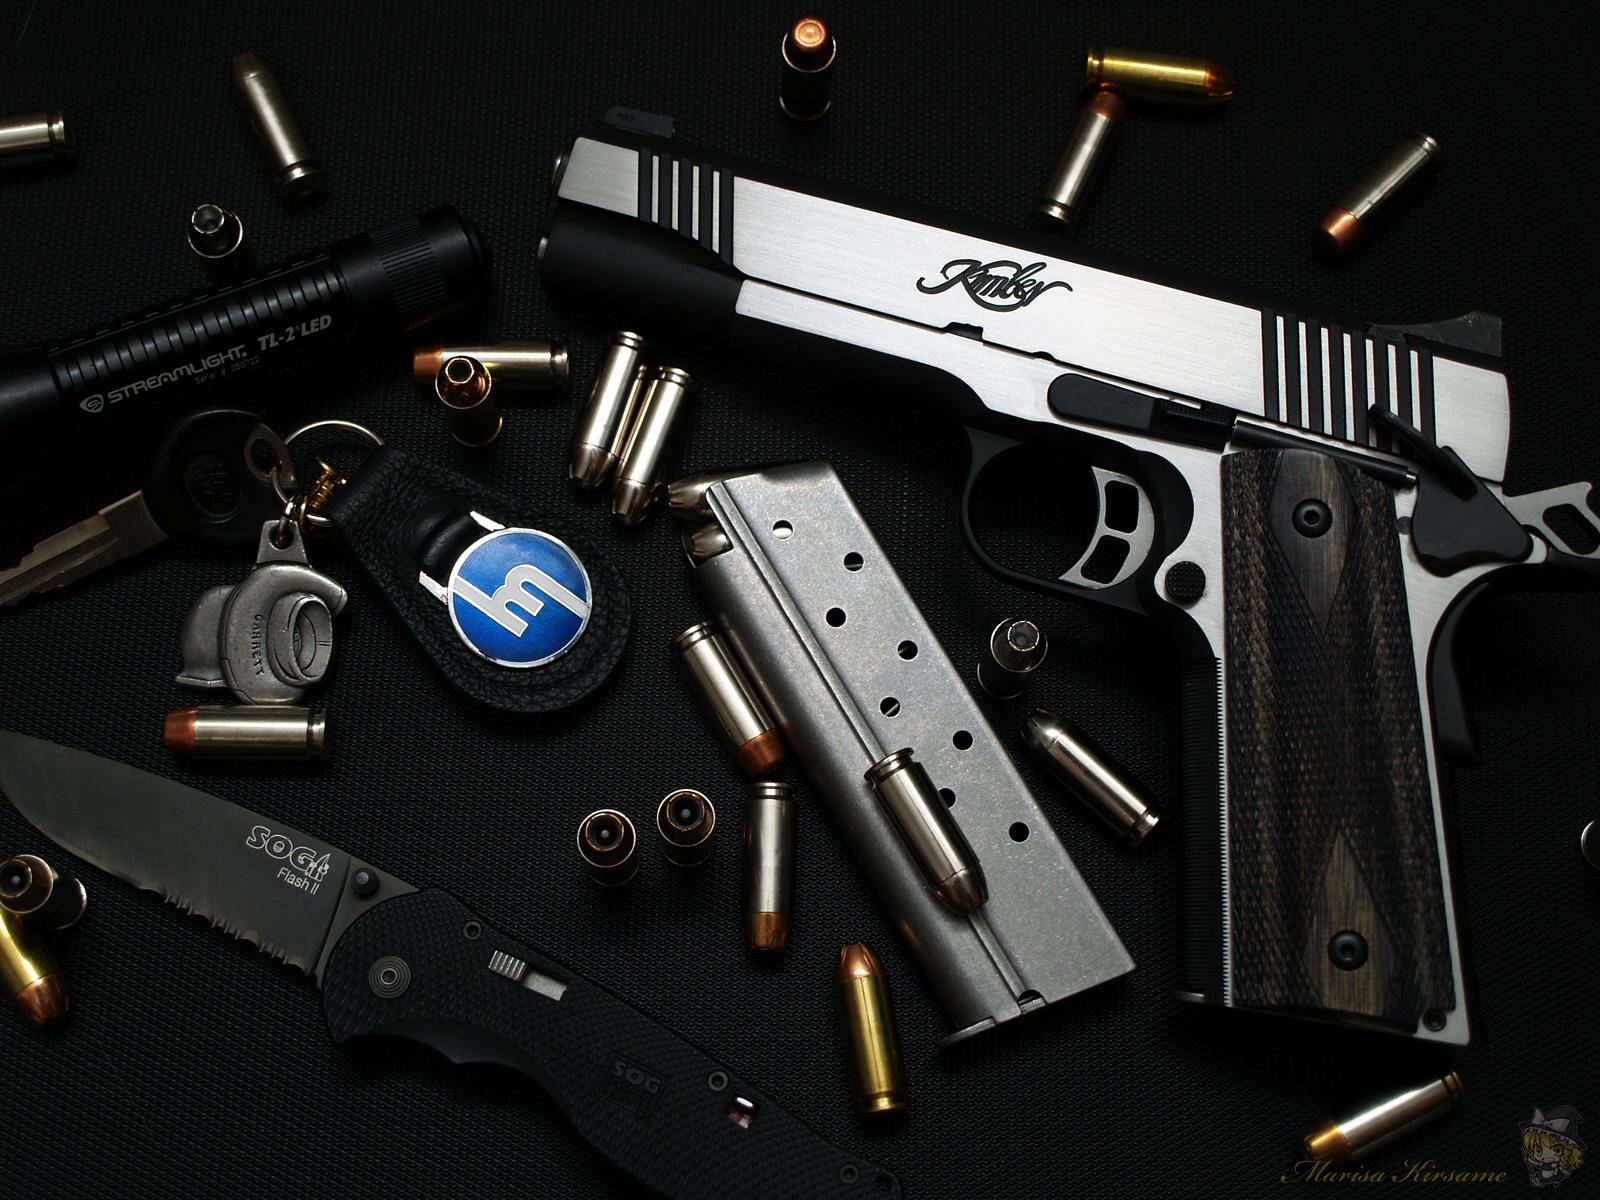 Kimber Pistol Wallpaper 19   1600 X 1200 stmednet 1600x1200